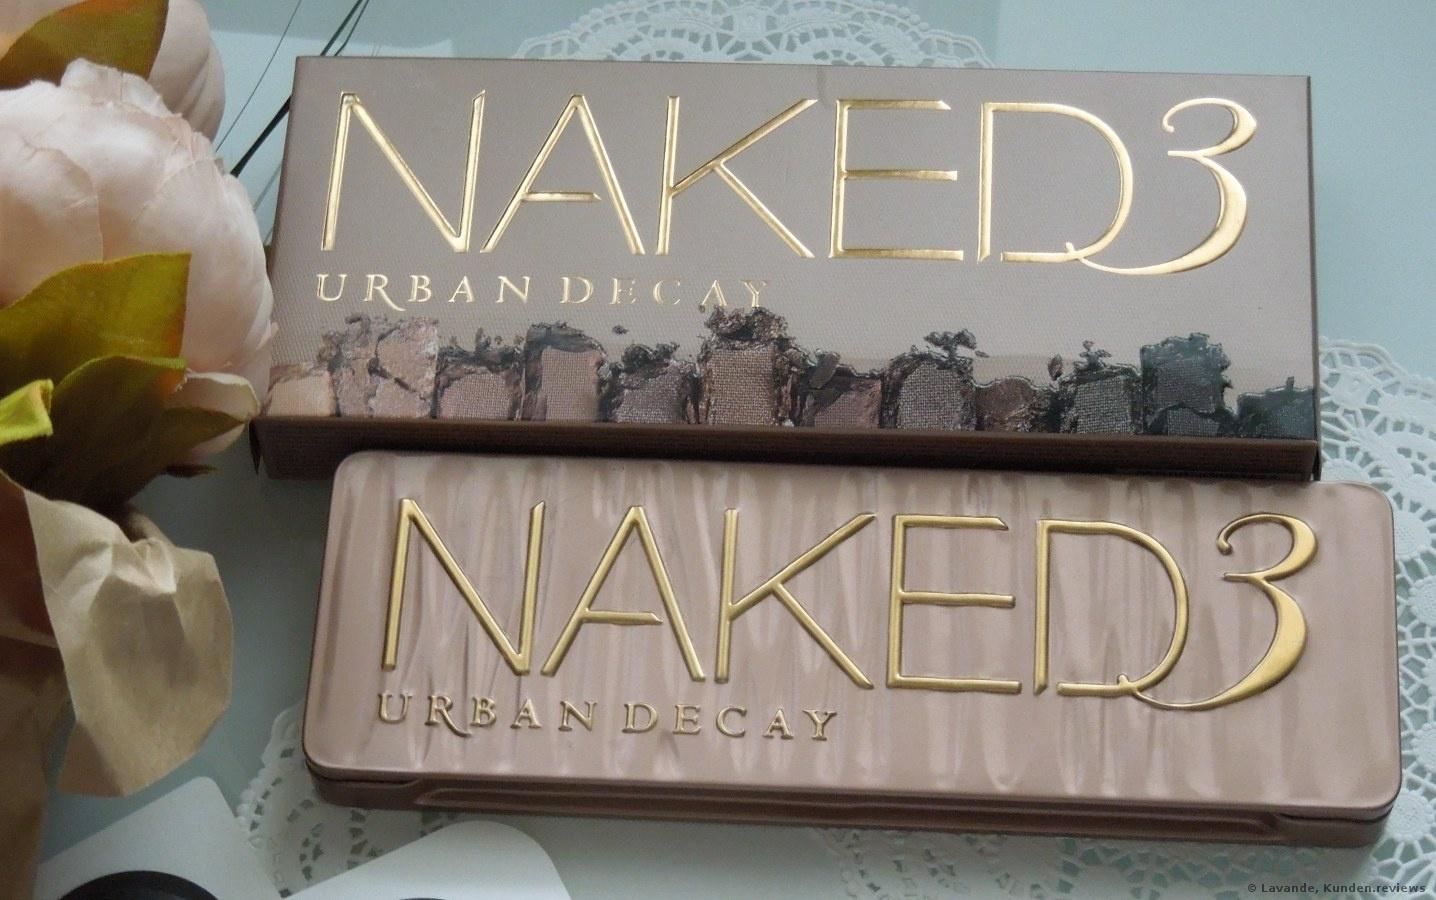 Urban Decay Naked 3 Lidschatten Foto